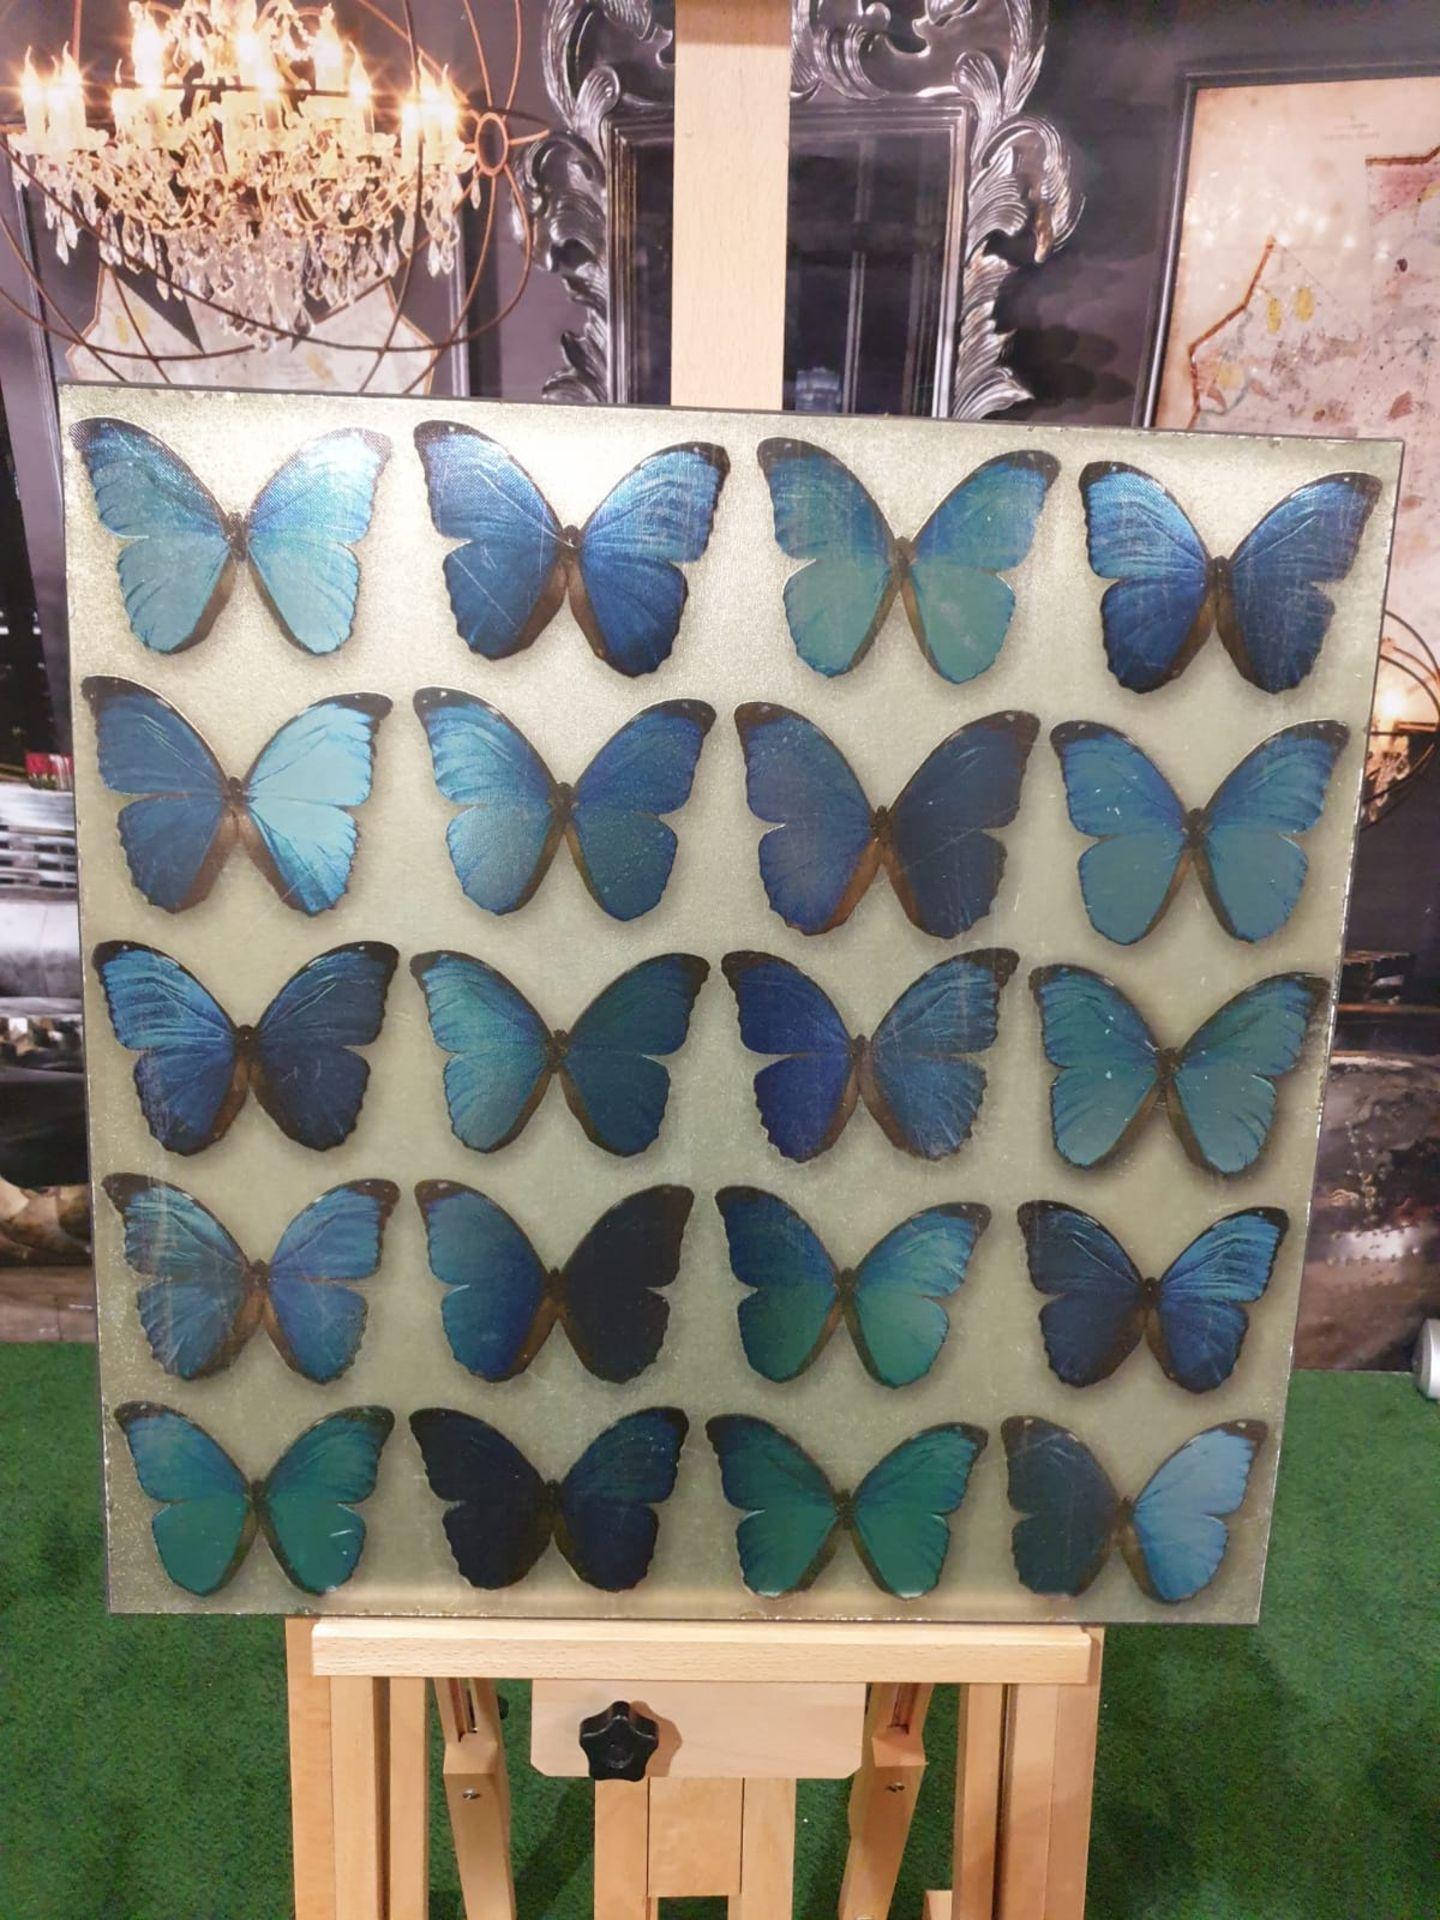 Panel of 20 teal Blue butterflies 57 x 57cm